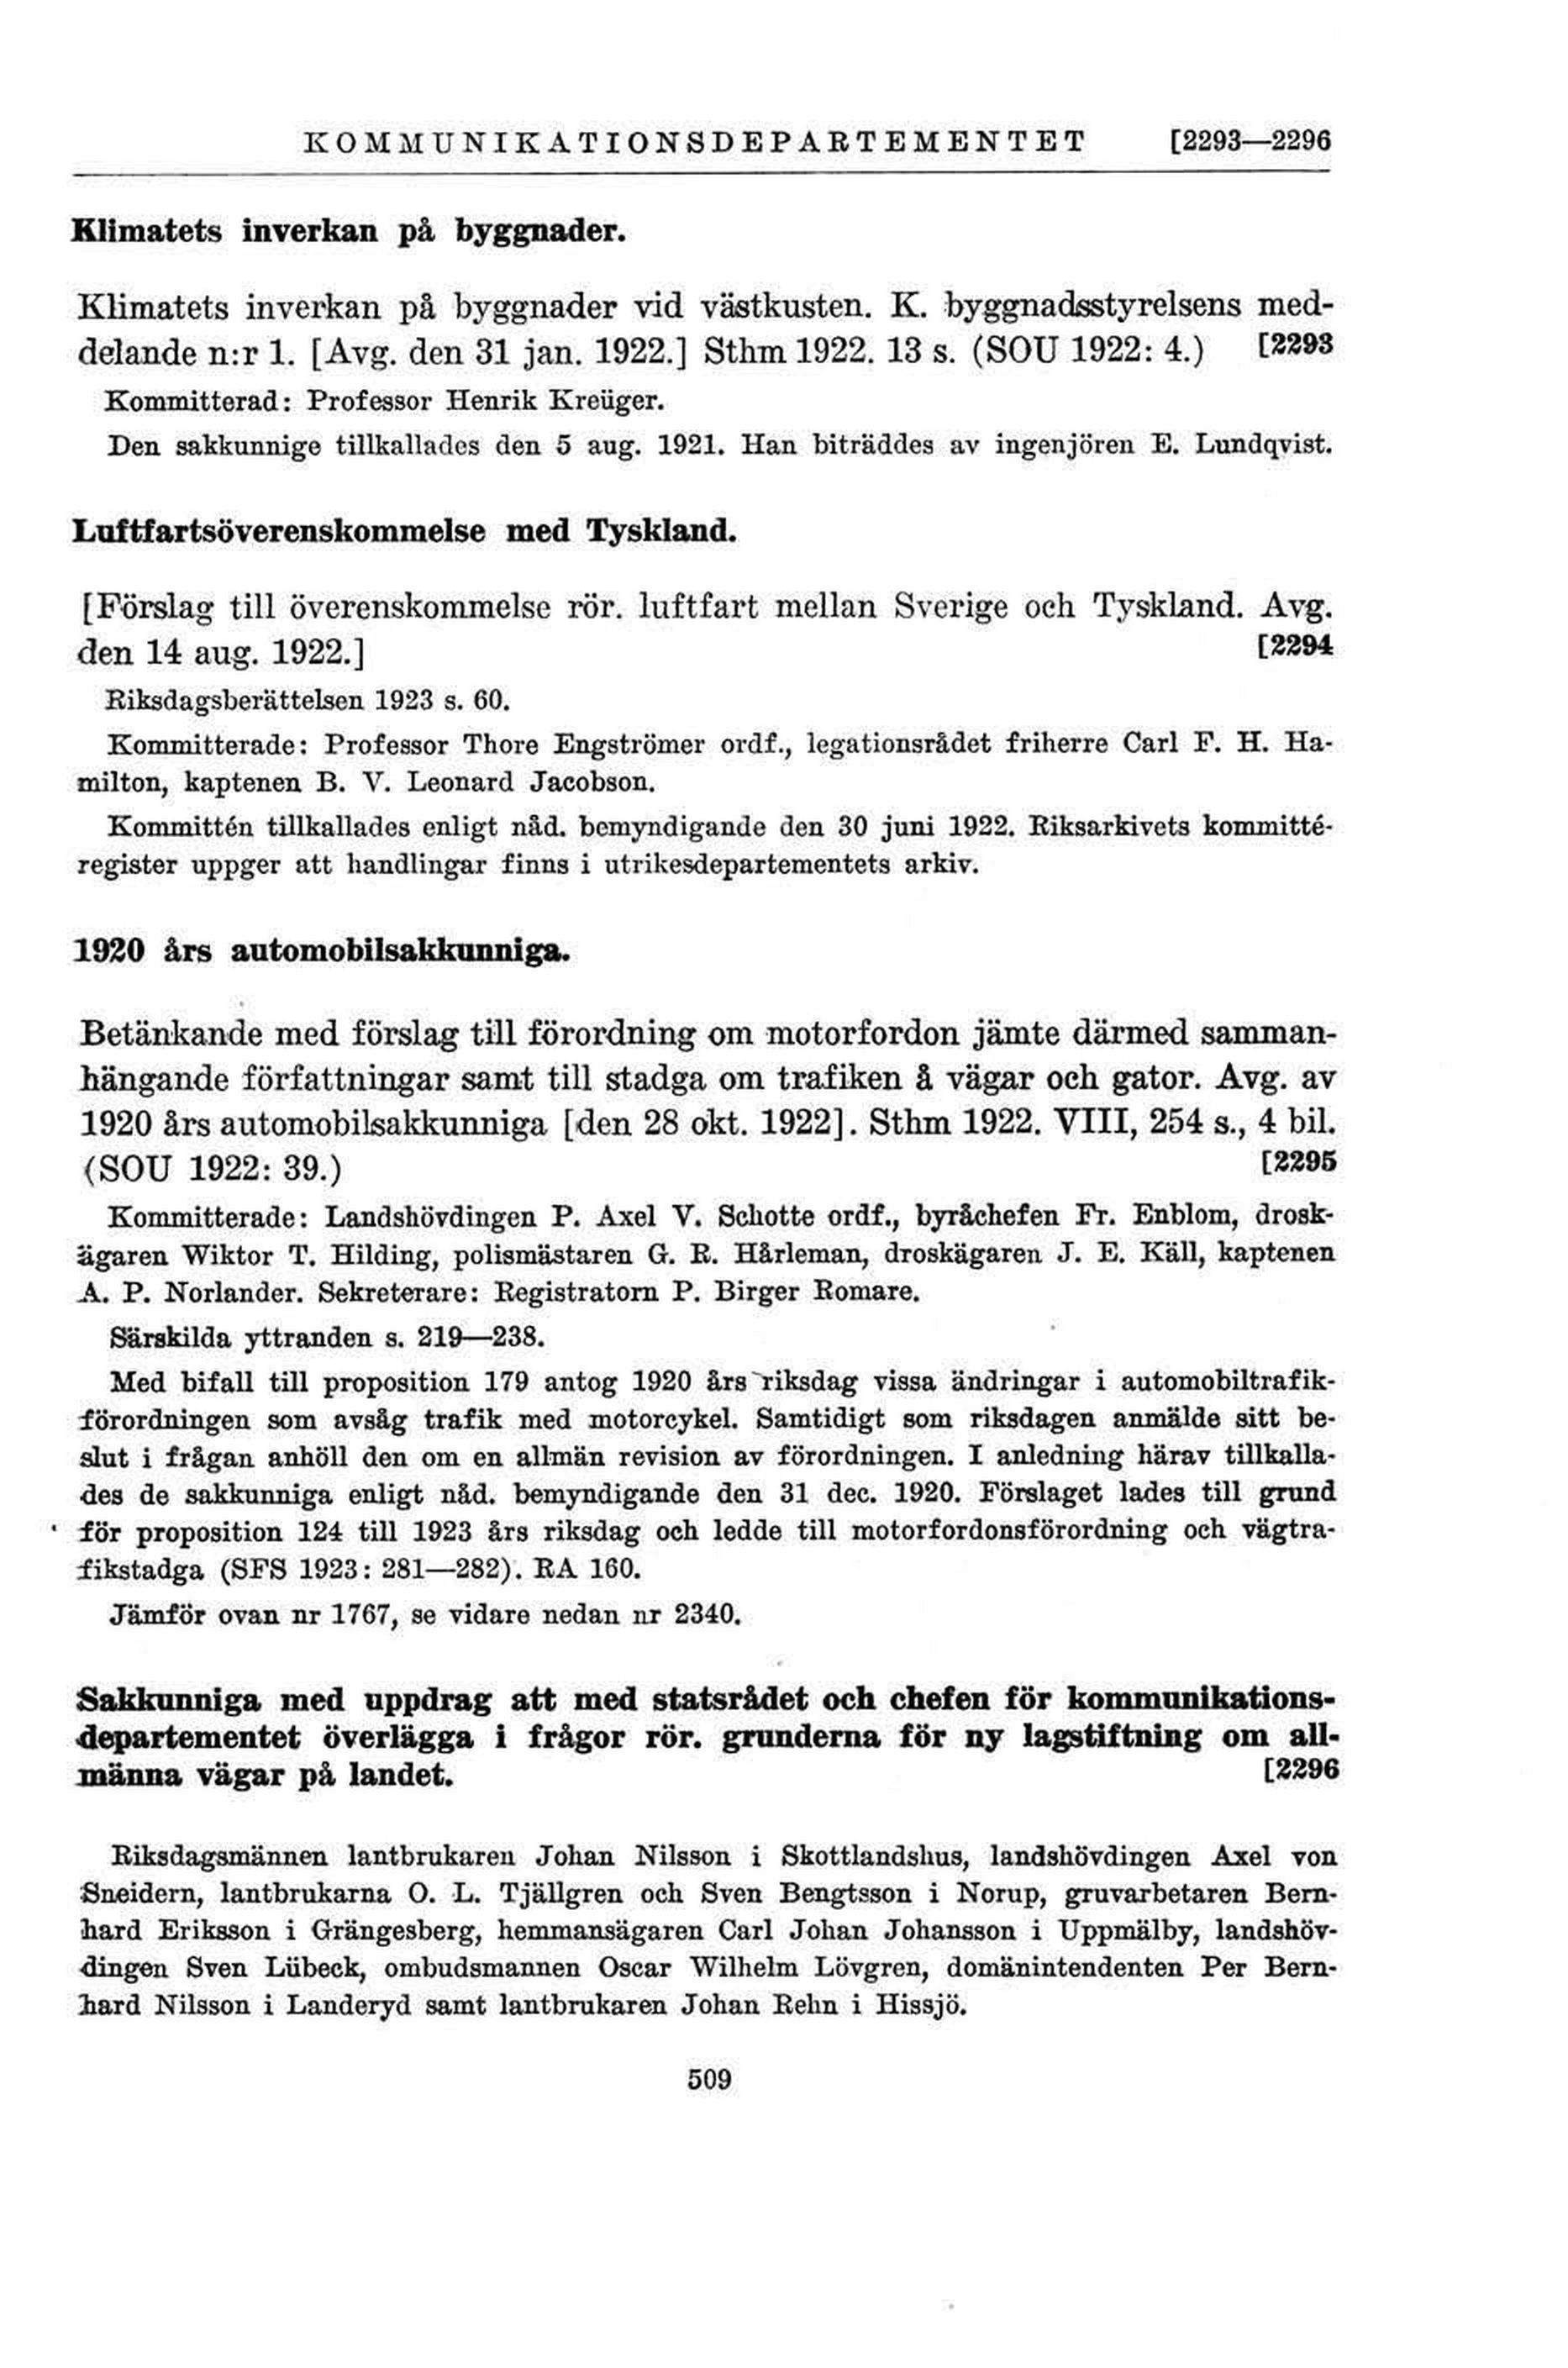 509 (Förteckning över statliga utredningar 1904-1945) 87adb5a54a364